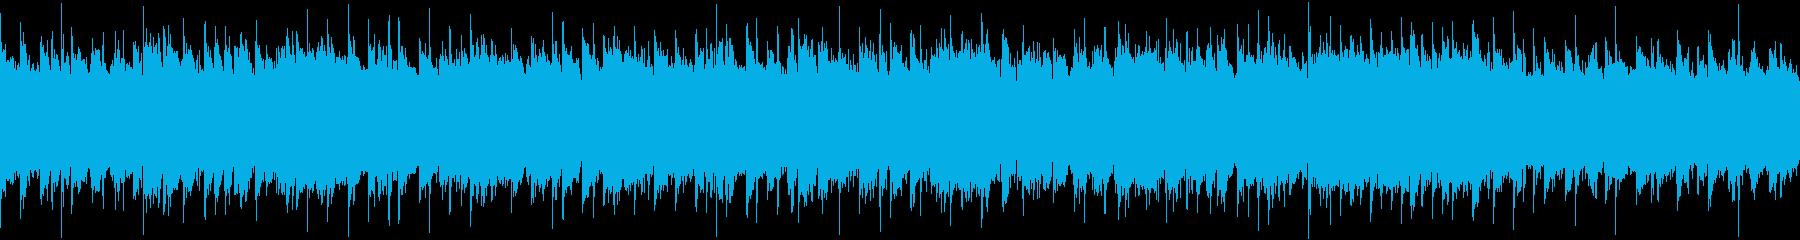 【ループBGM】きゃわわポップロックの再生済みの波形